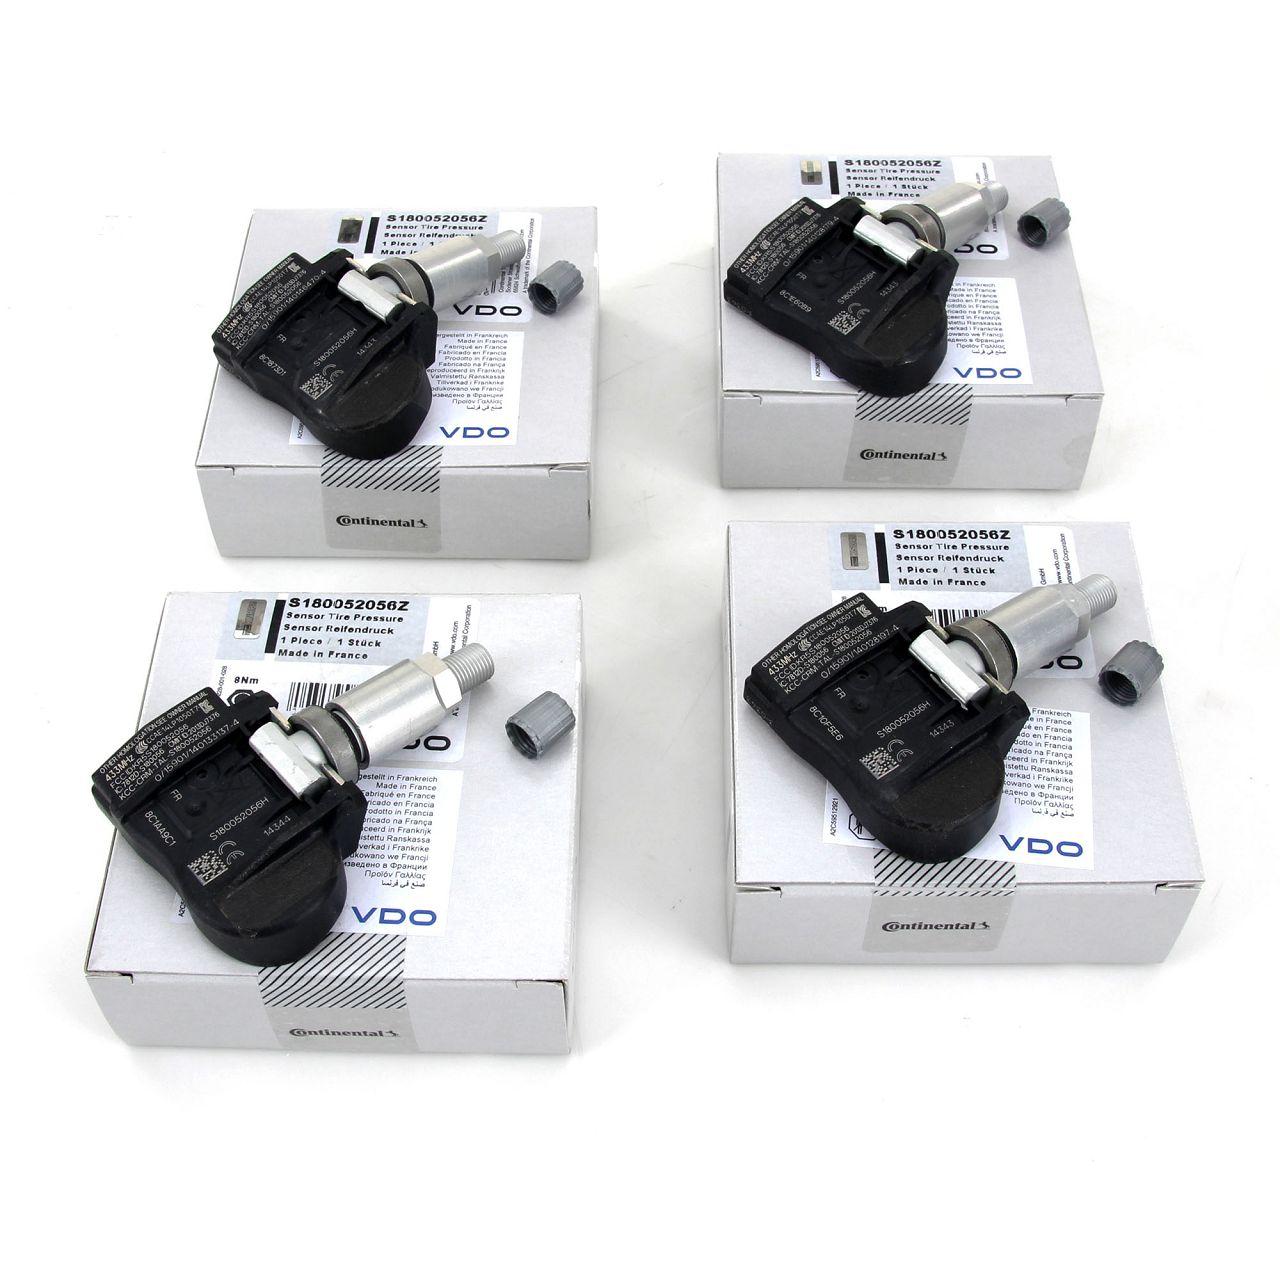 4x VDO Reifendrucksensor S180052056Z Luftdrucksensor RDKS für BMW 1ER 3ER 4ER X5